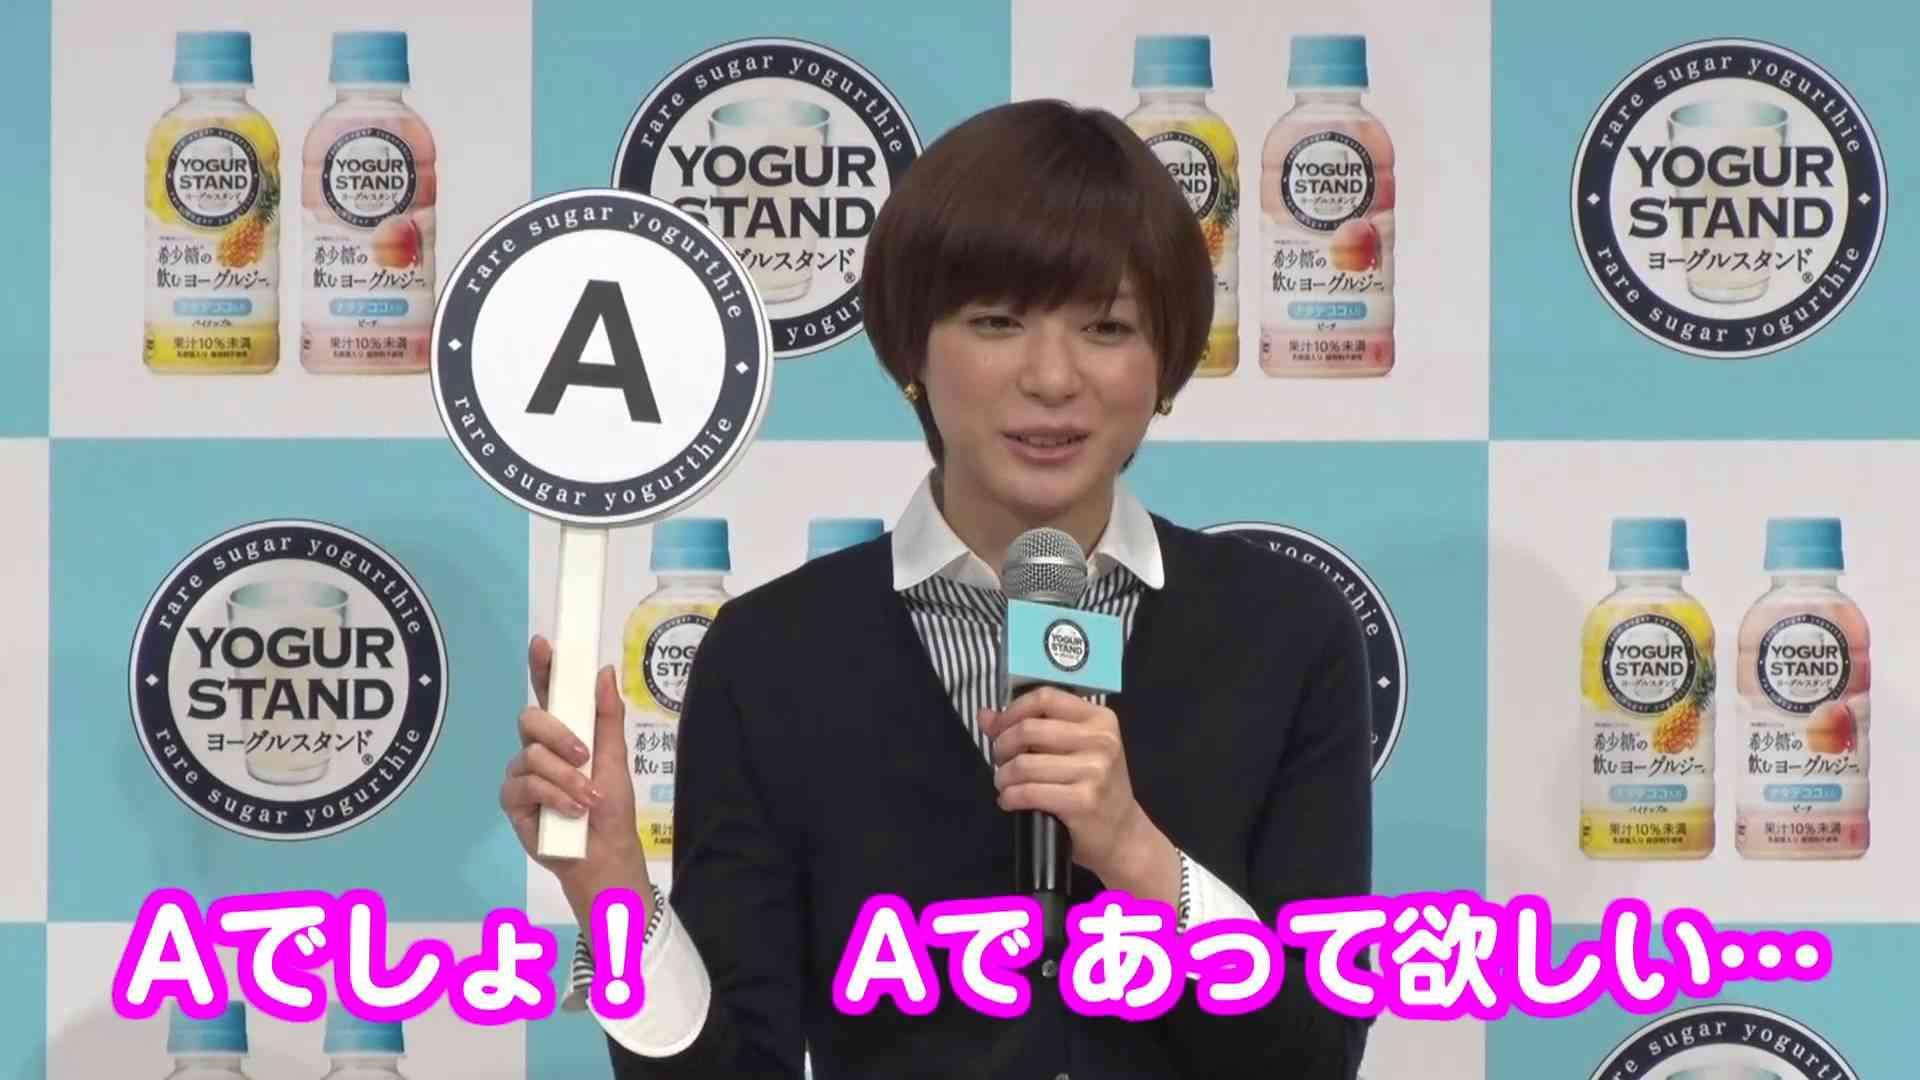 上野樹里さん登場「 ヨーグルスタンド」新製品記者発表会 - YouTube